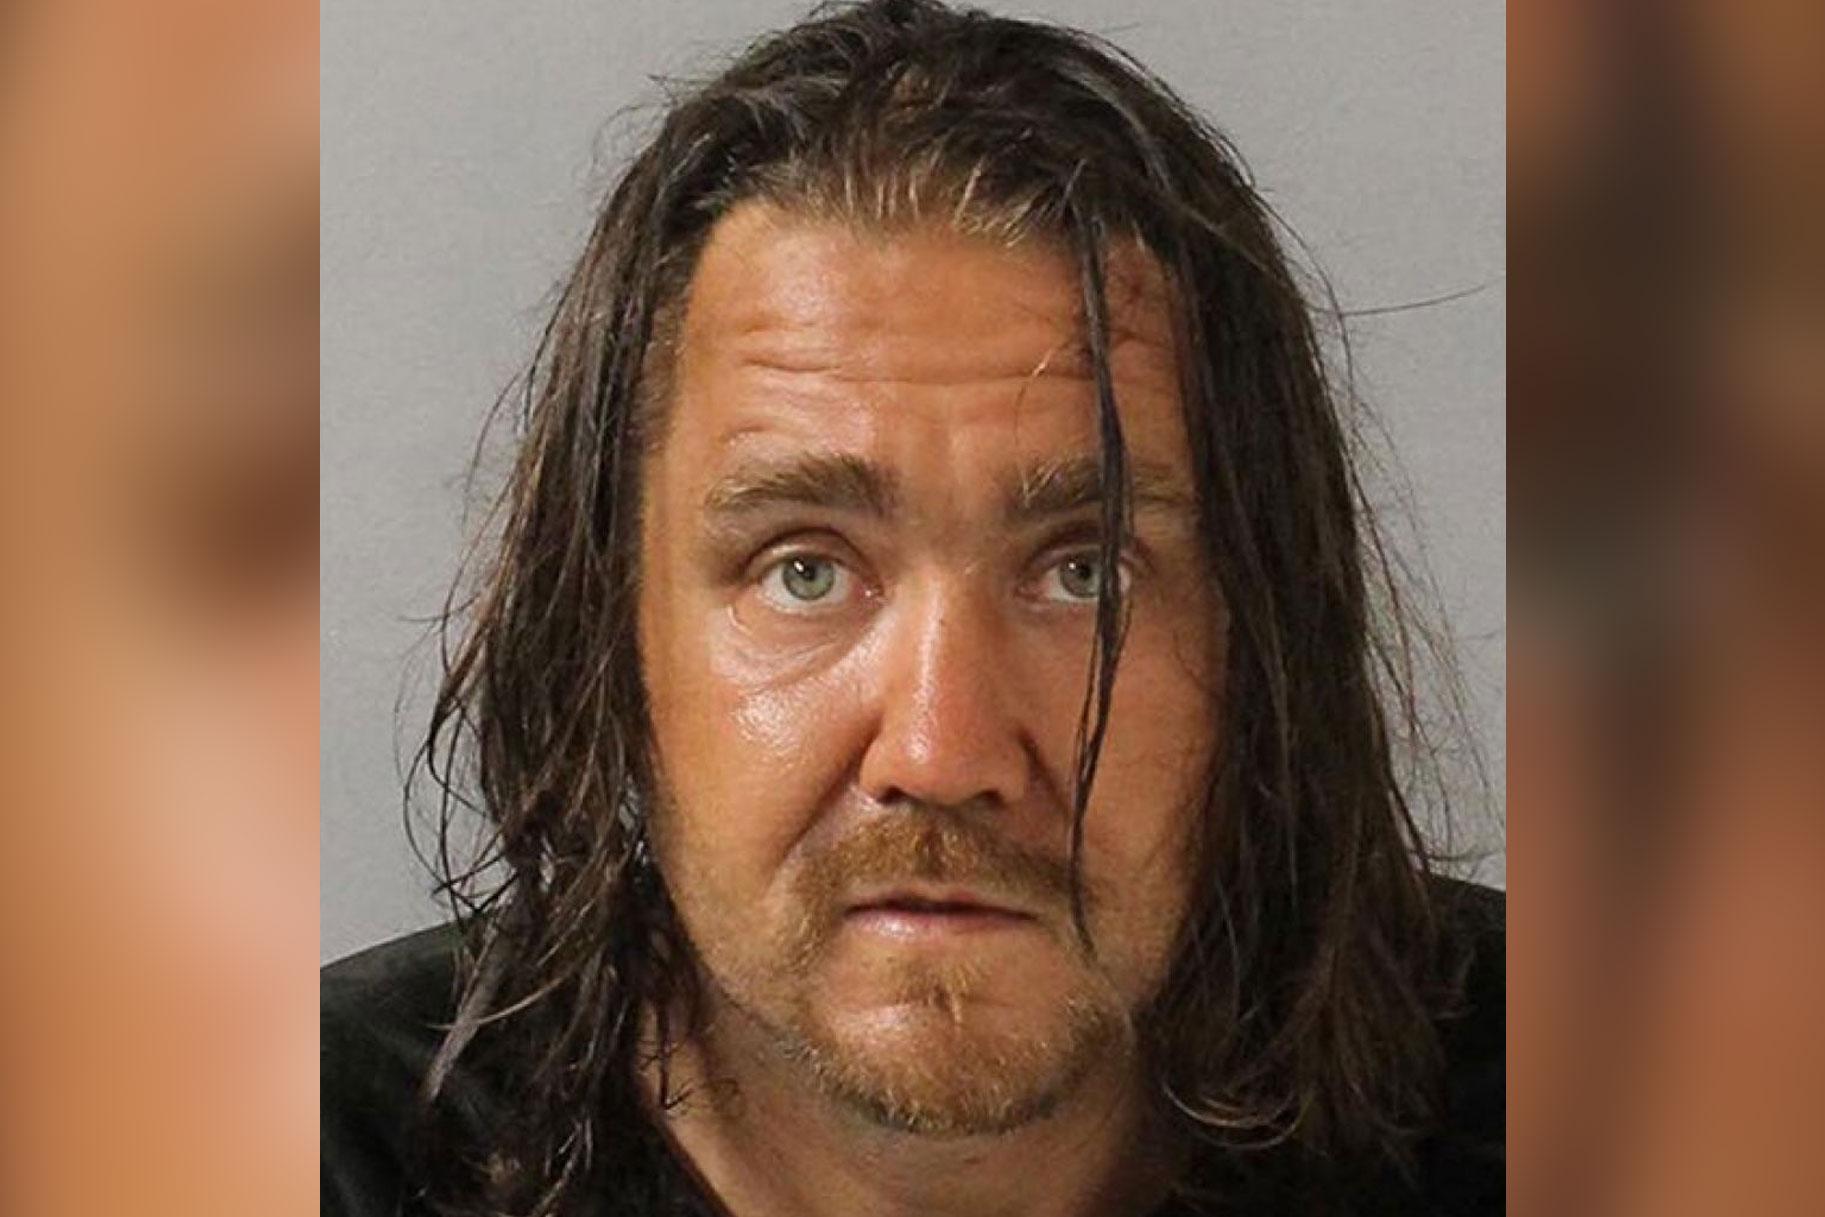 Mees arreteeriti naise verandal masturbeerimise eest vaid nädalate pärast väidetavalt noore tüdruku haaramist